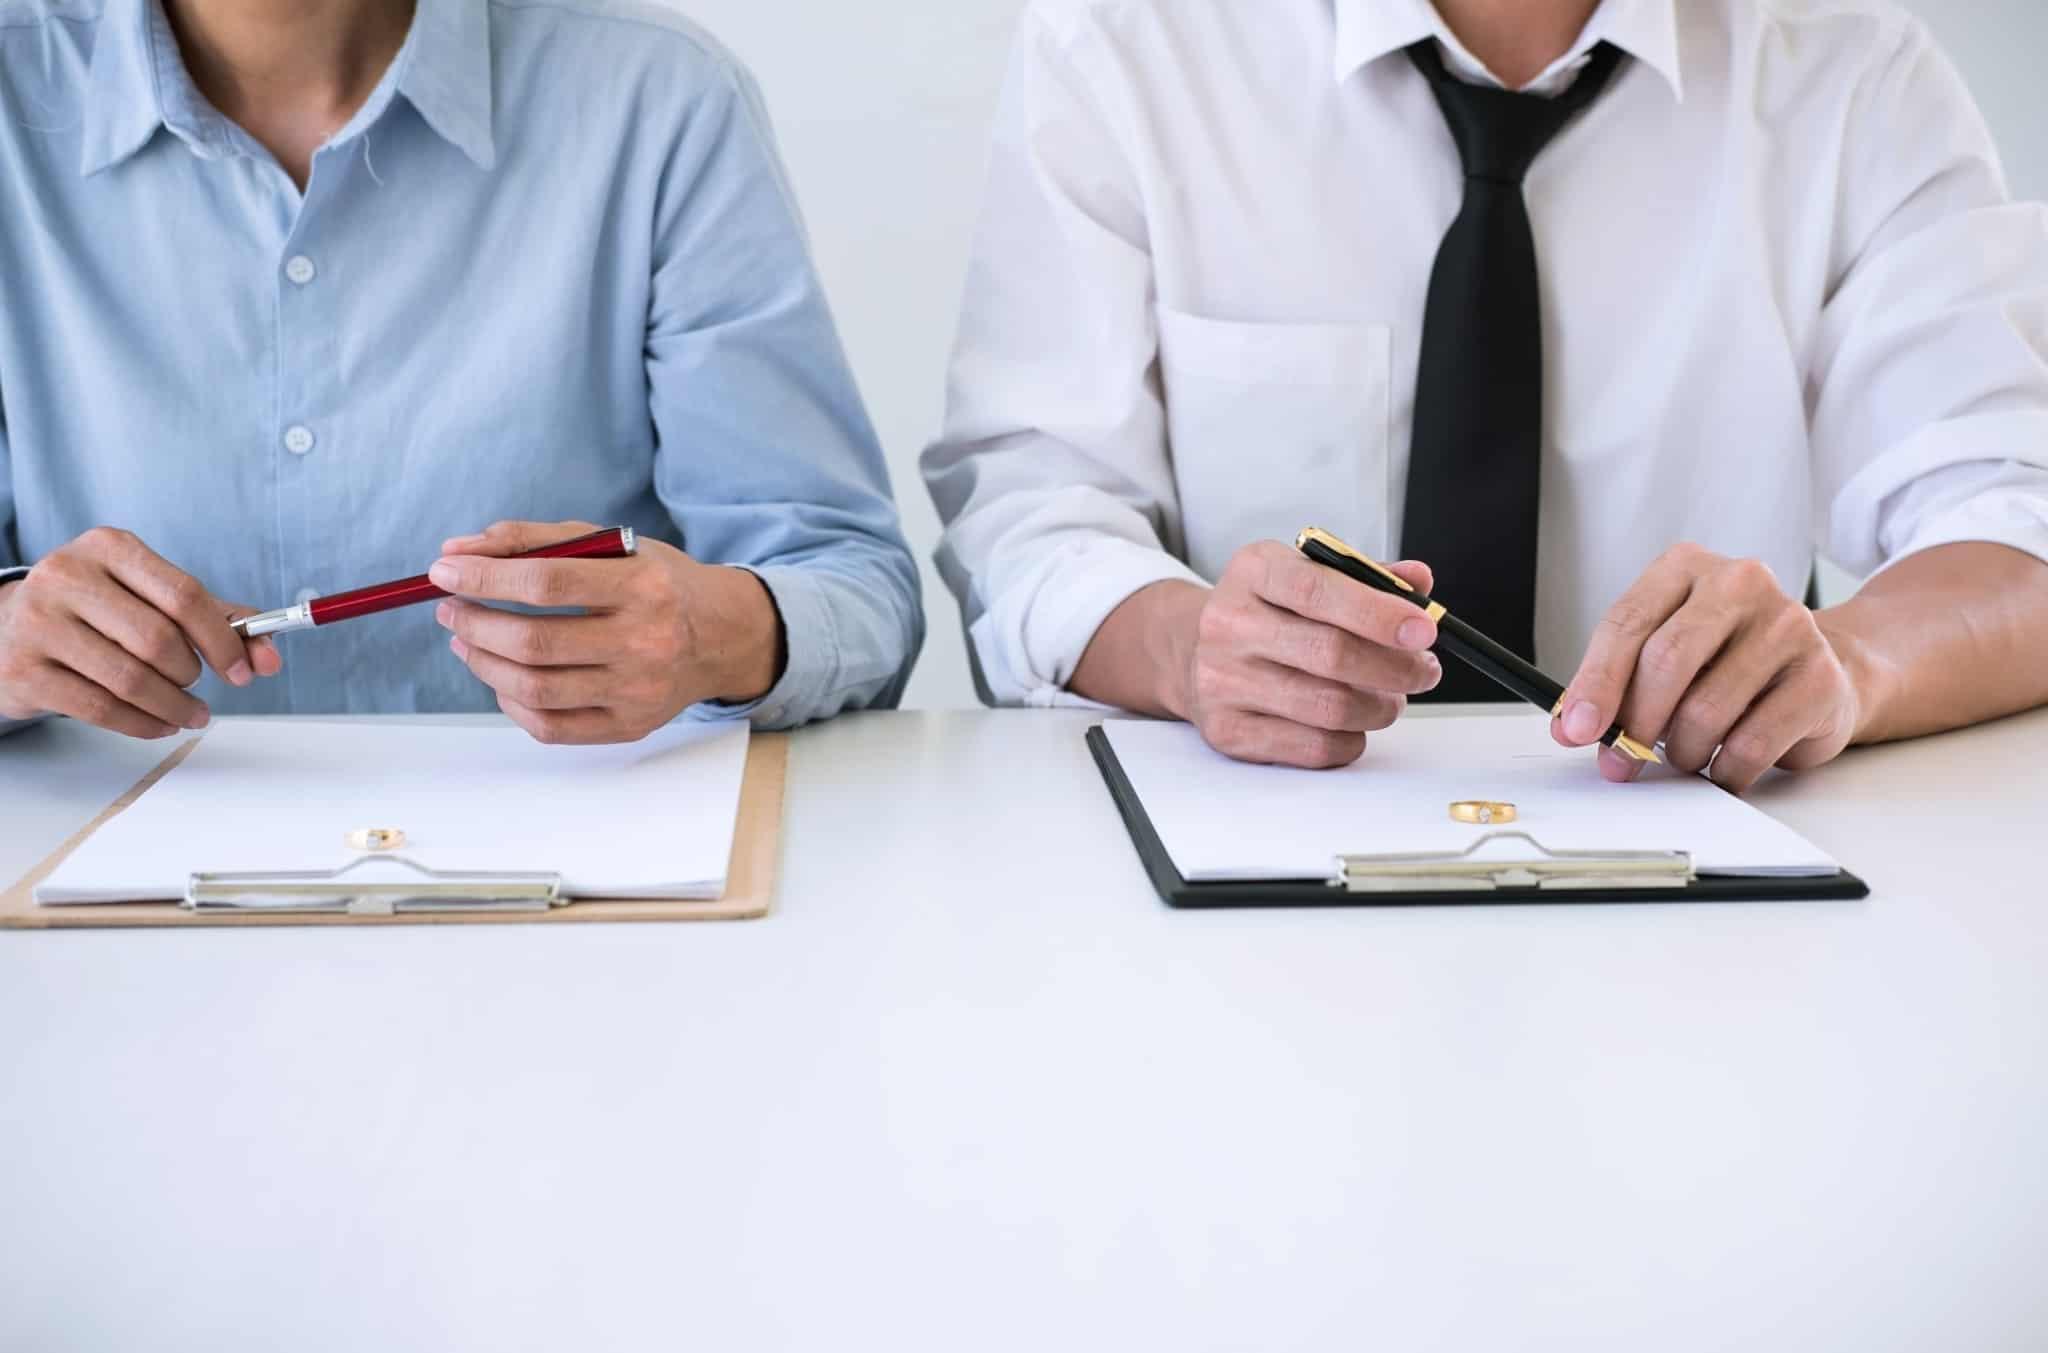 dois homens a segurar canetas para assinar contratos